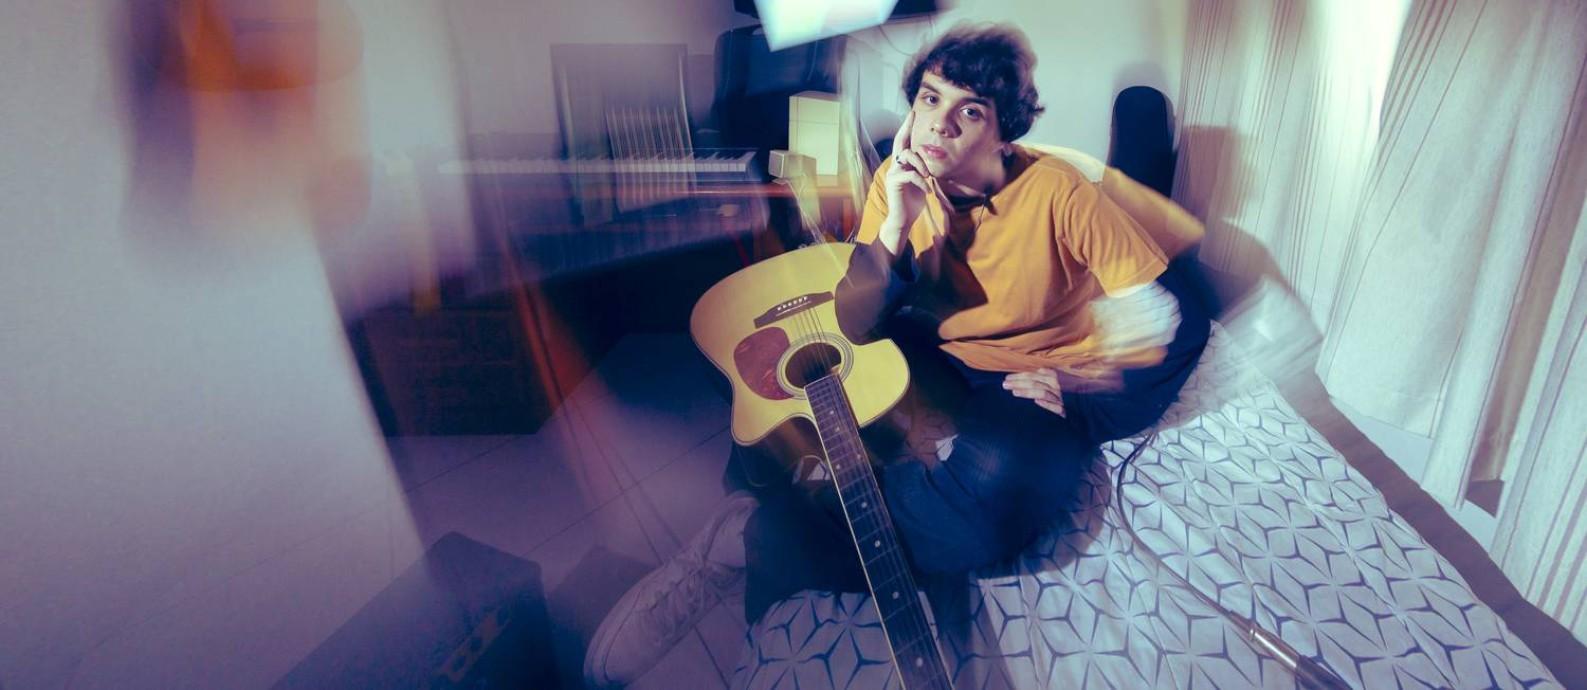 Matheus Who, musico carioca de bedroom pop Foto: Leo Martins / Agência O Globo